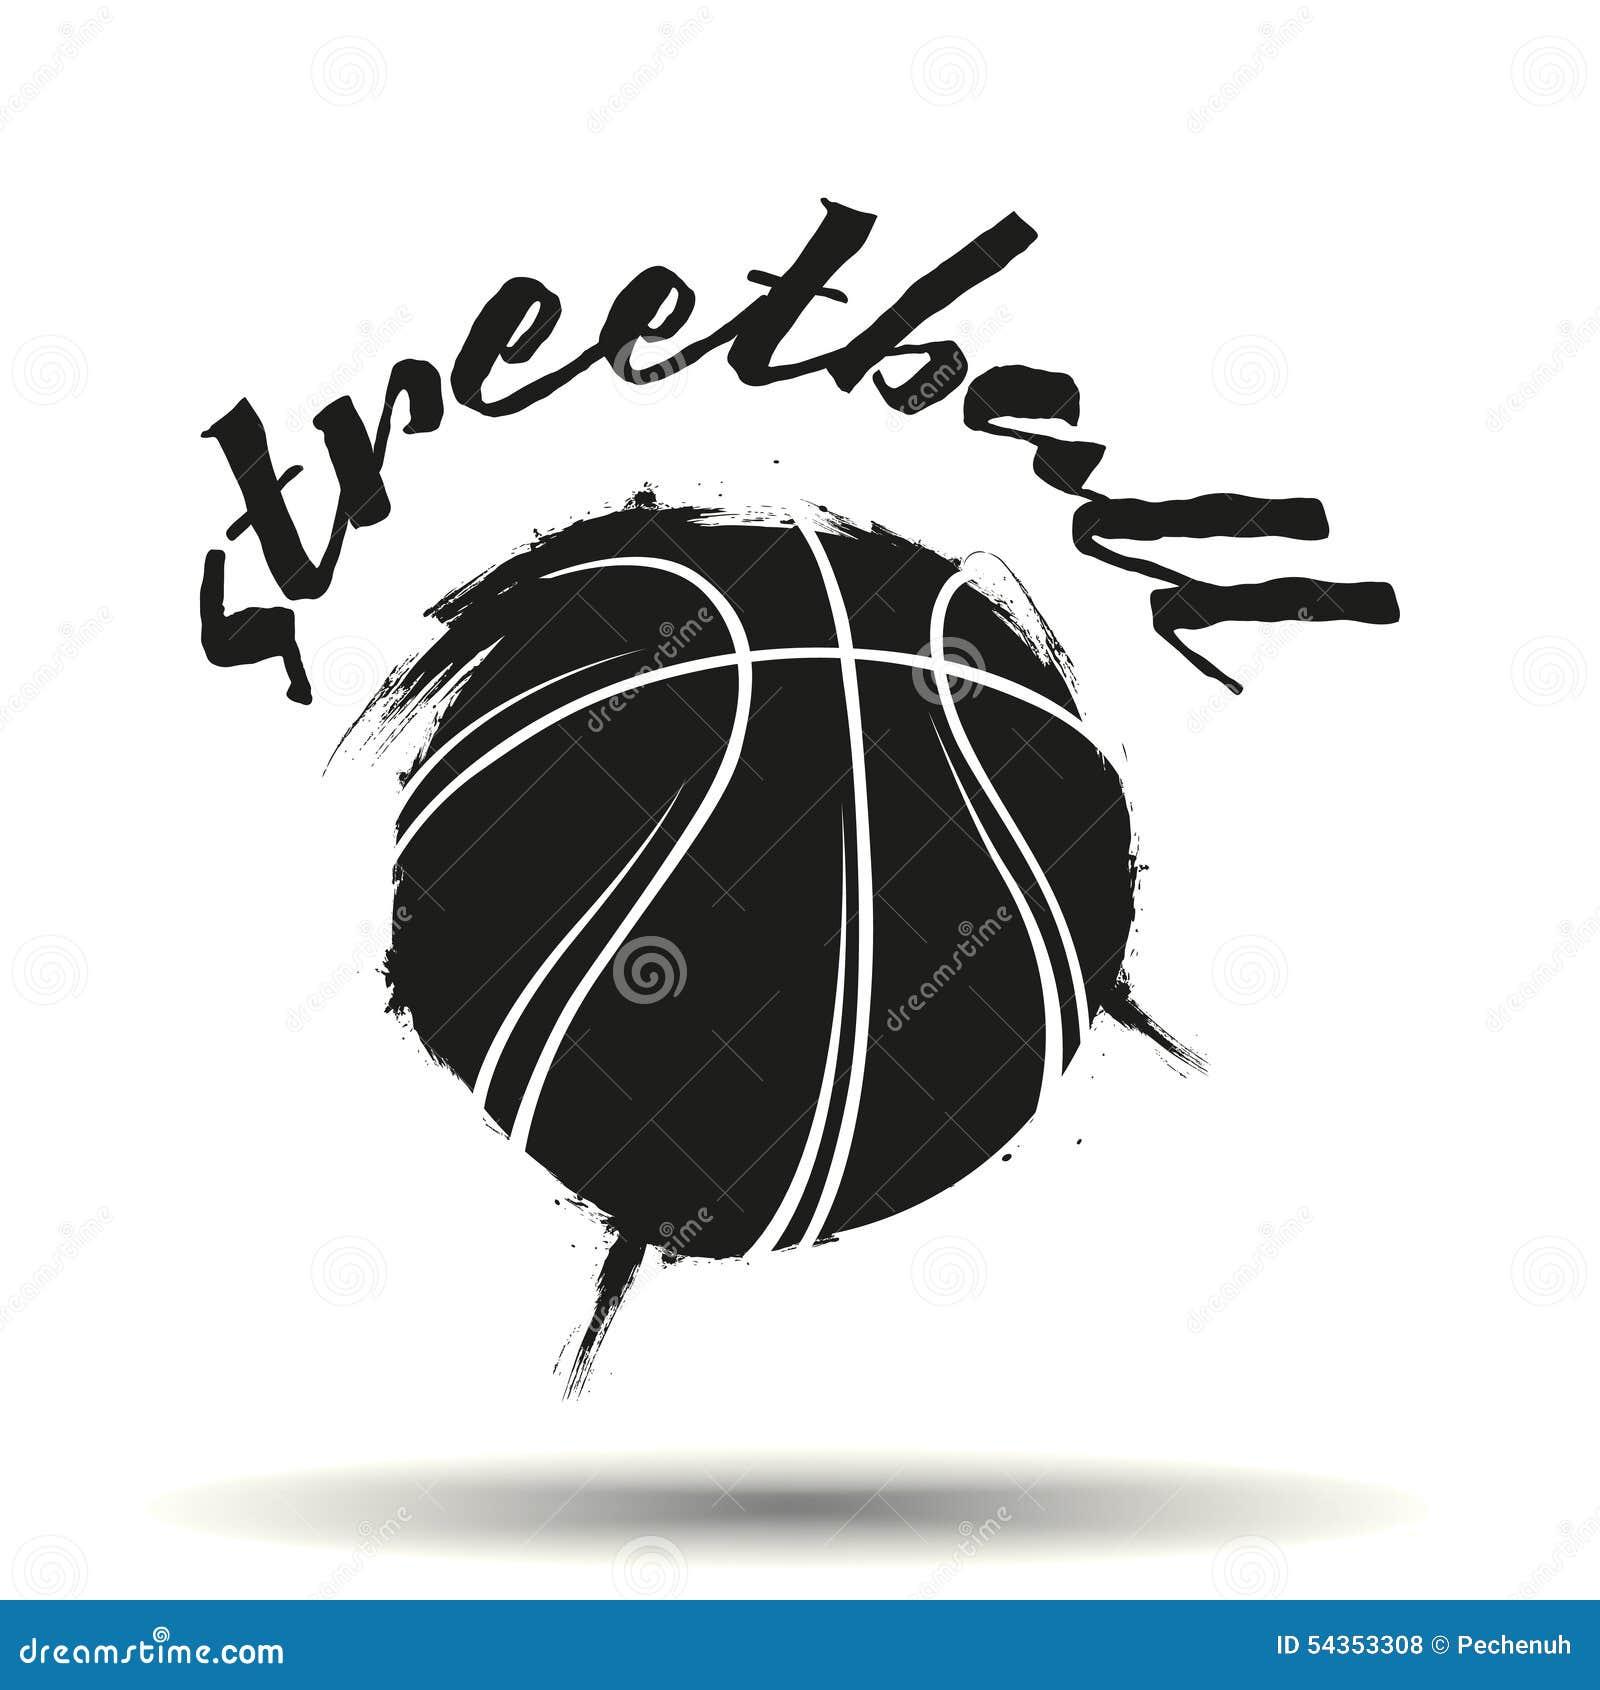 Streetball Logo Stock Vector - Image: 54353308